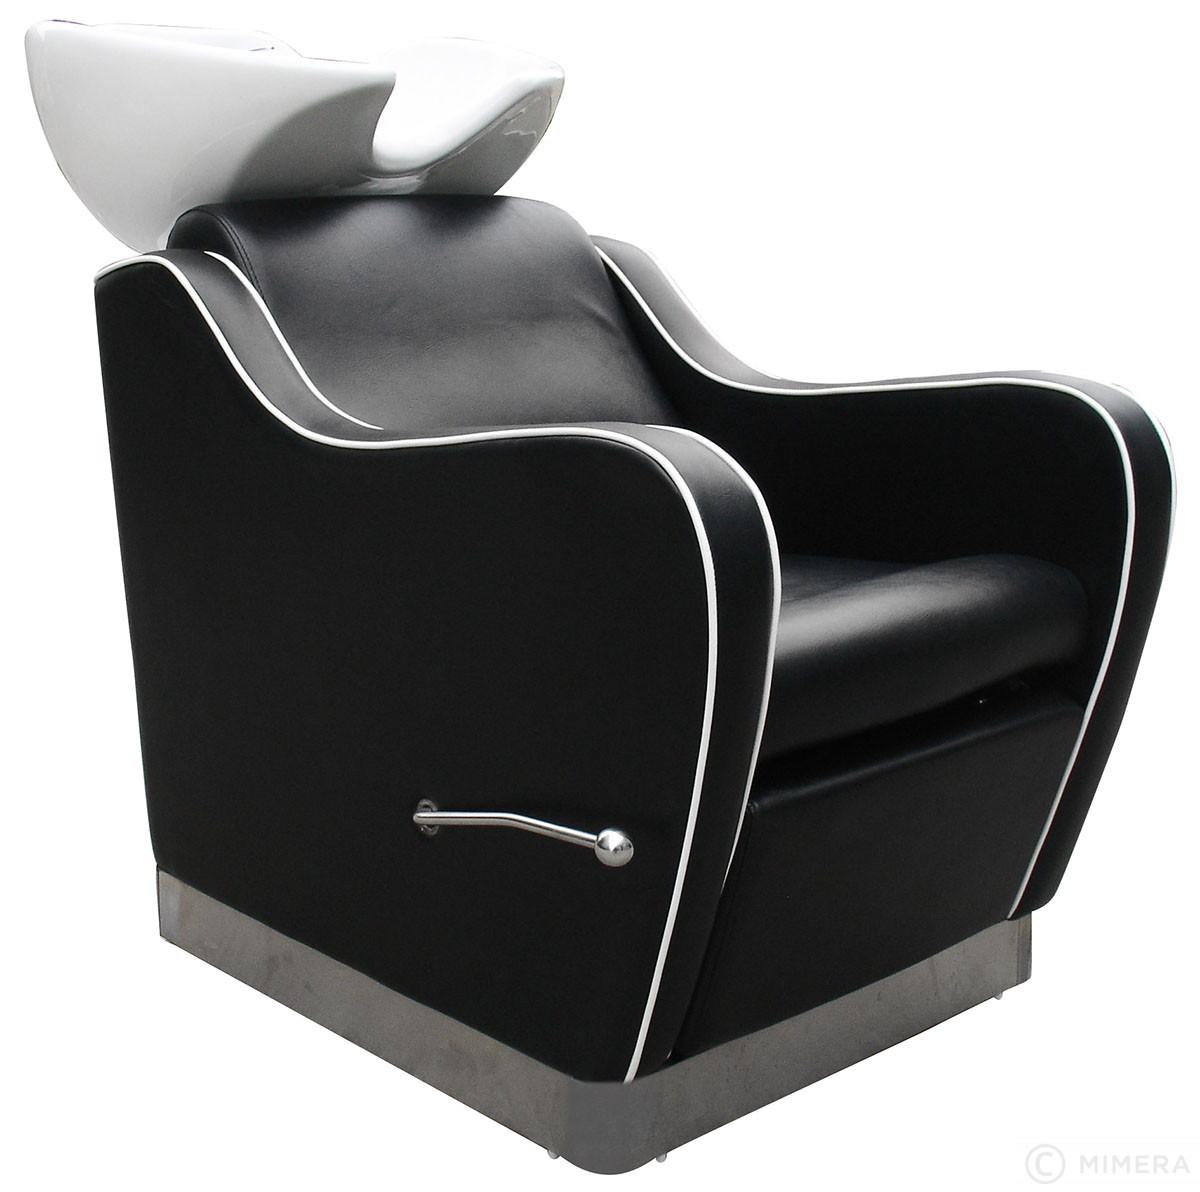 Kadernícky umývací box NOBLE biele umyvadlo, matná čierna + Ragnar Galaxy - strihací strojček